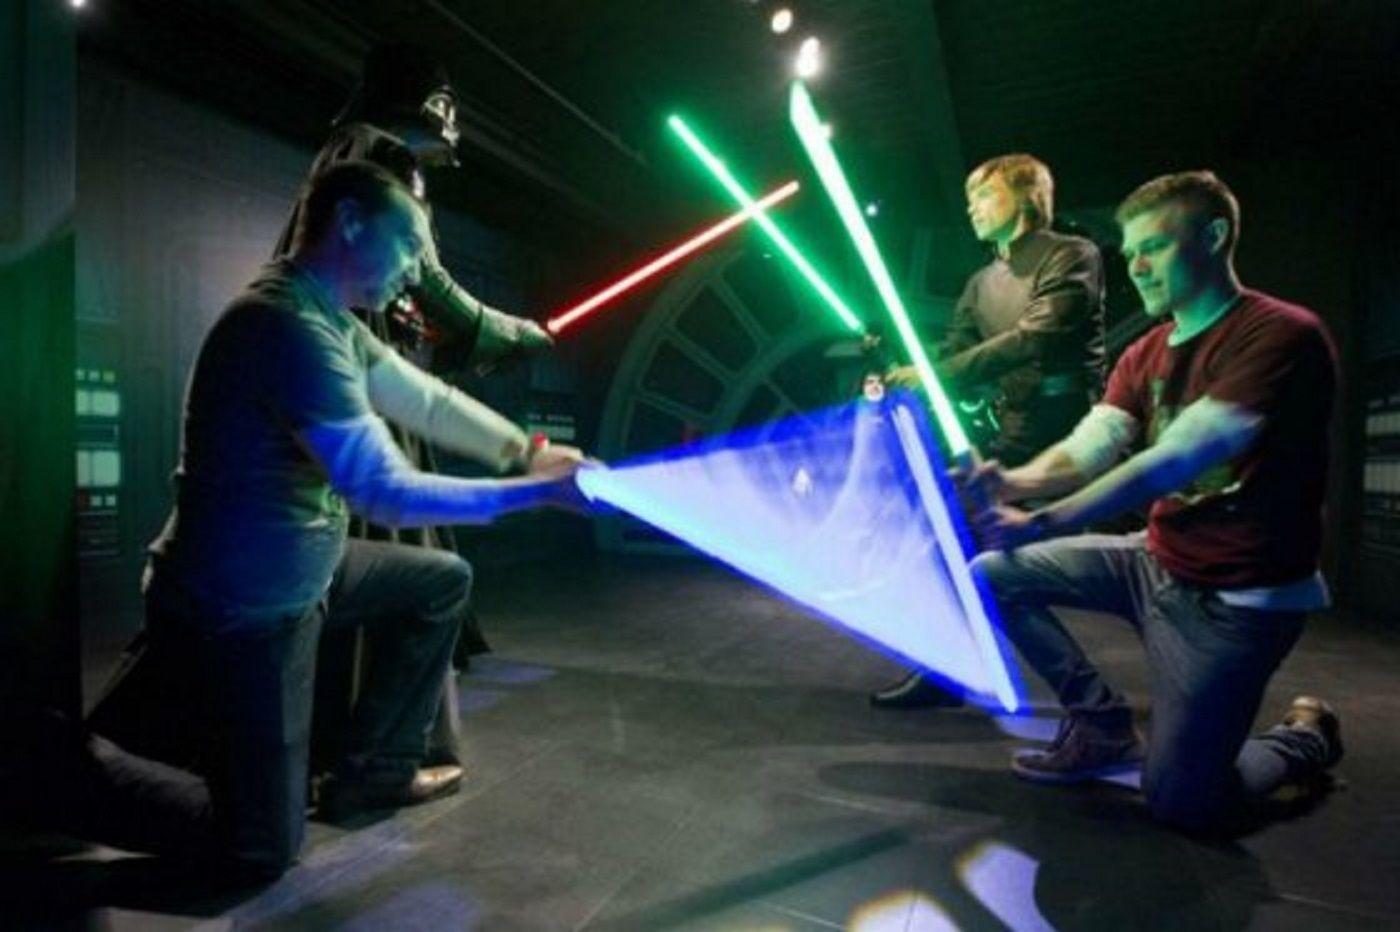 La aplicación de Google que convierte tu celular en una espada láser de Star Wars